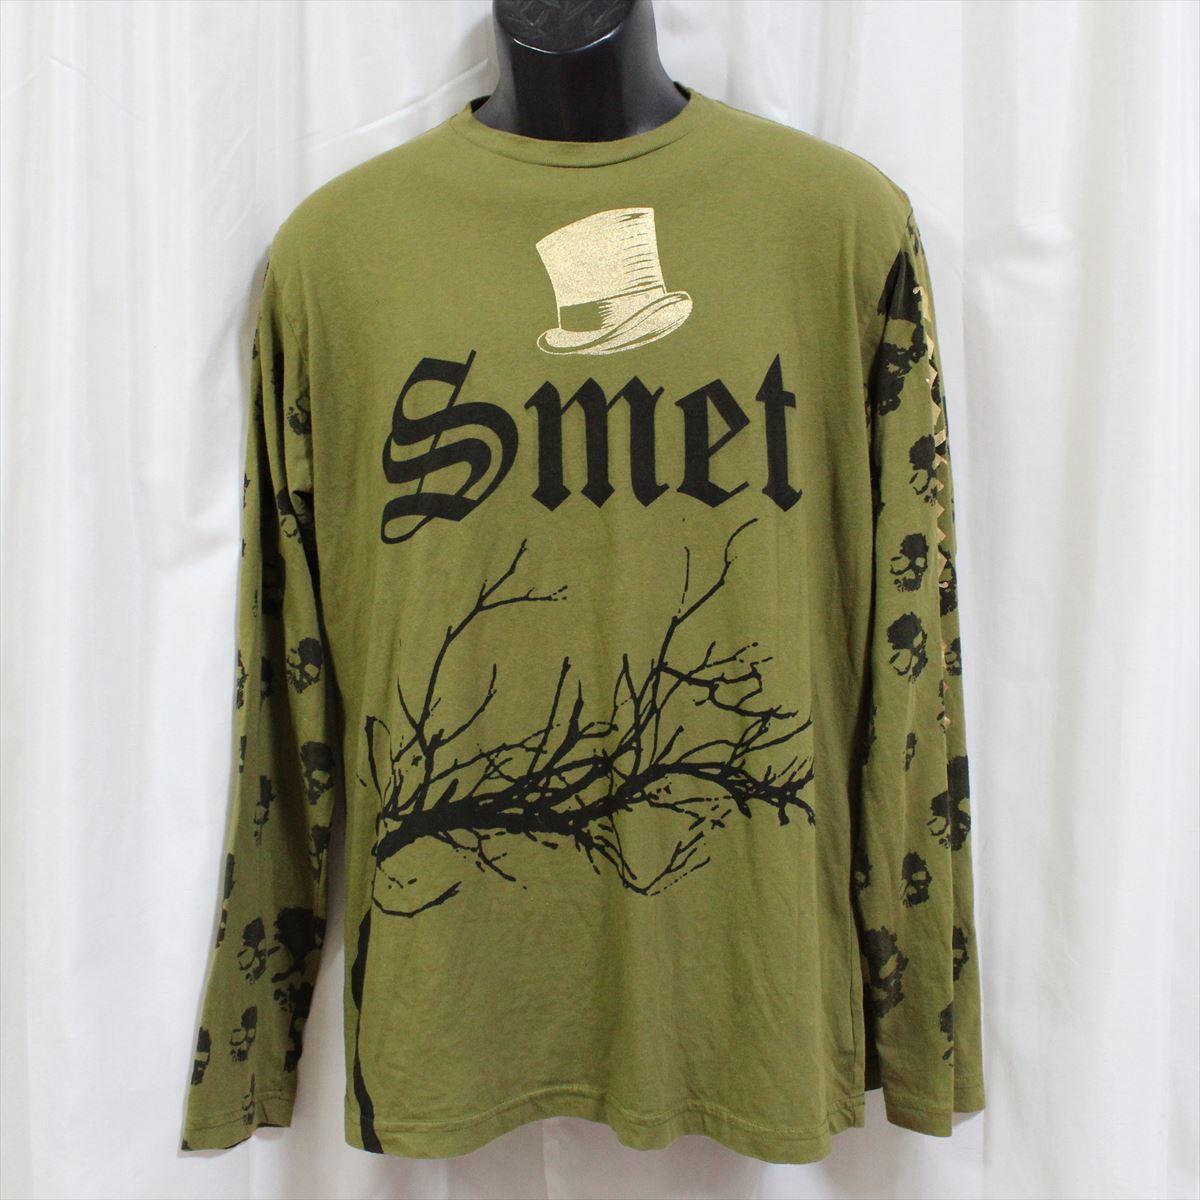 スメット SMET メンズ長袖Tシャツ Mサイズ グリーン NO5 新品_画像1